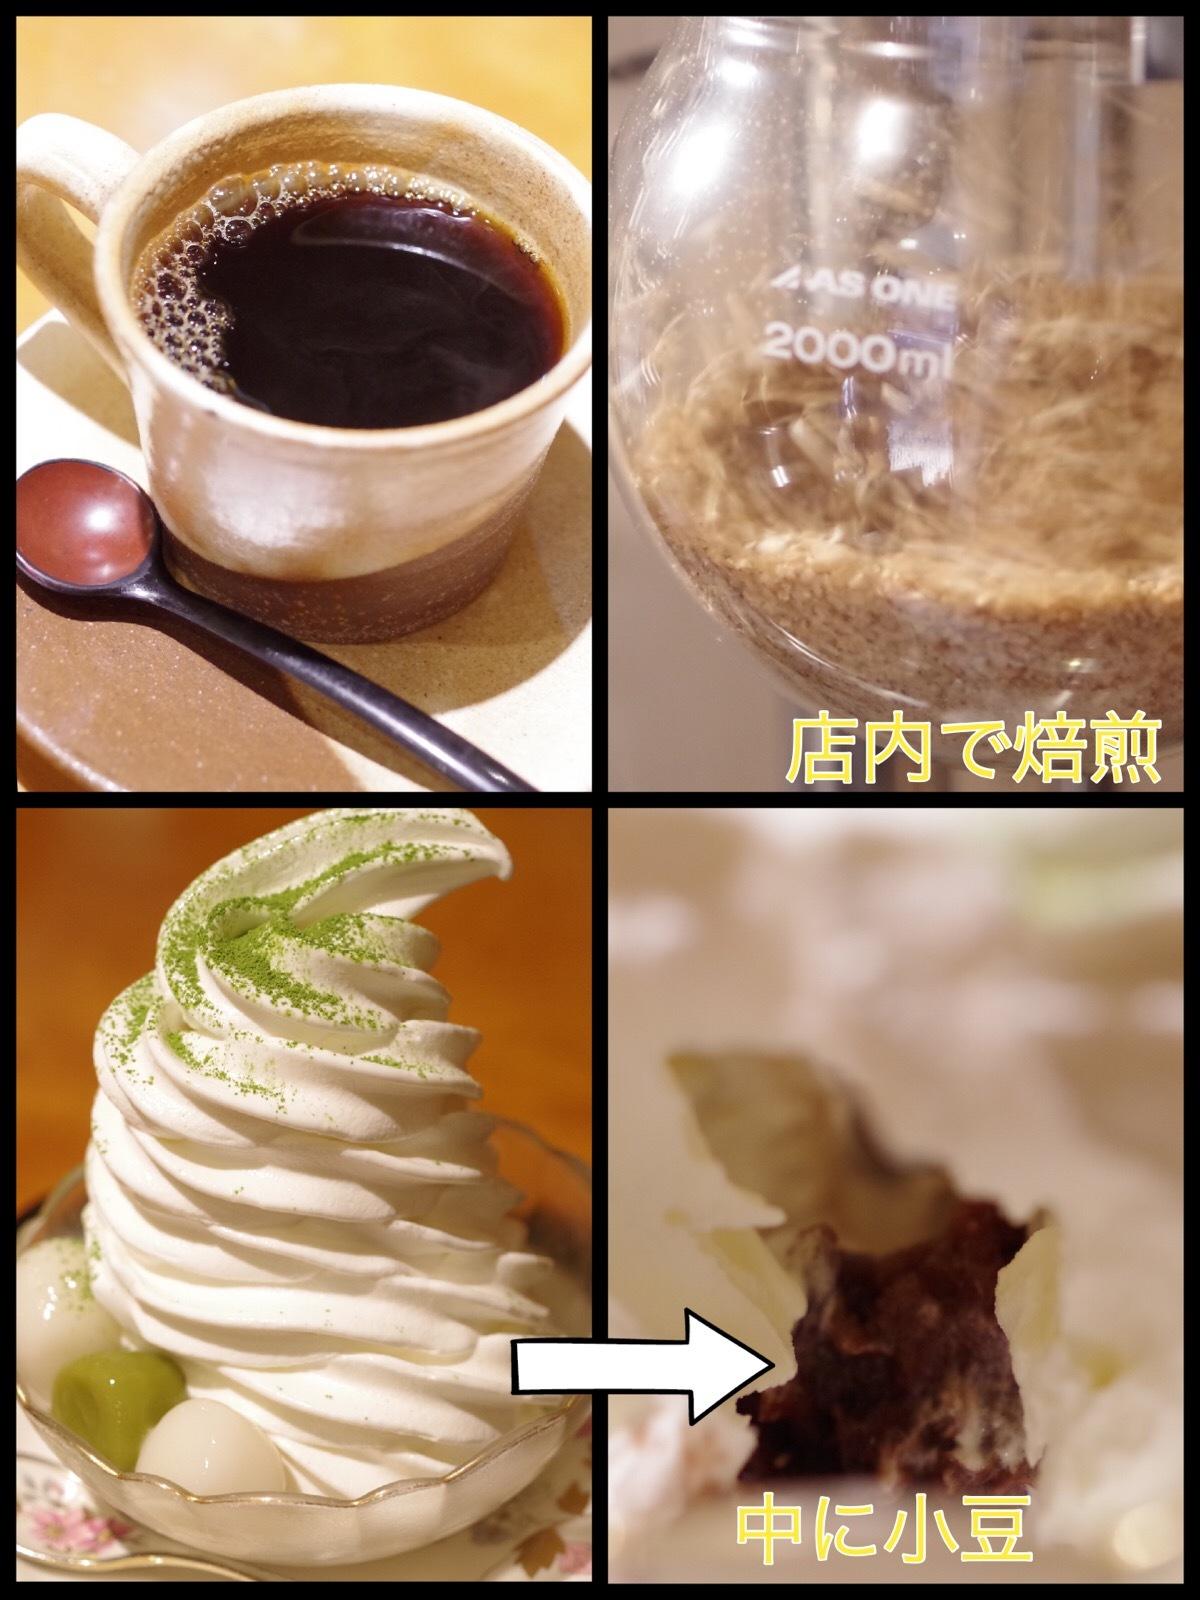 熱海ドライブ旅行 藍花コーヒー本店